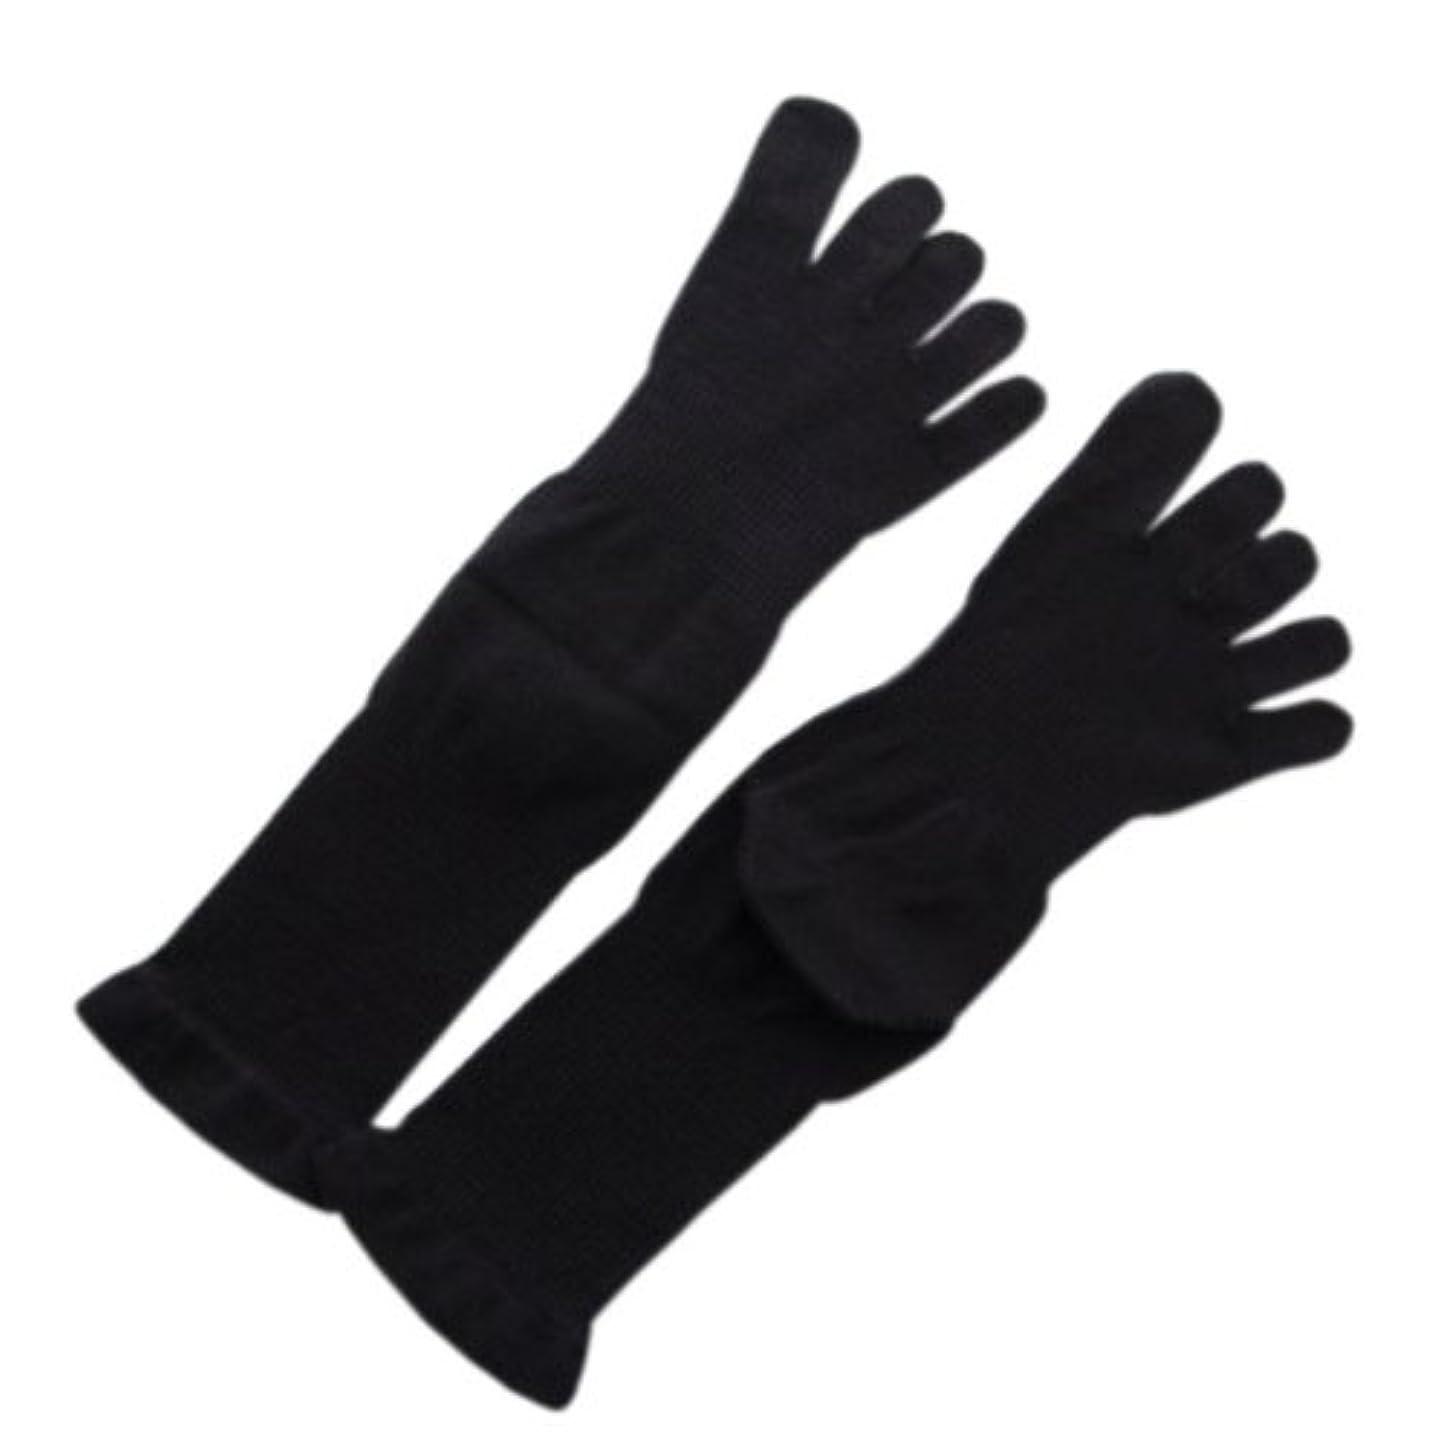 5本指薄手ソックス 黒M:オーガニックコットン100%足首を締め付けないソックス!